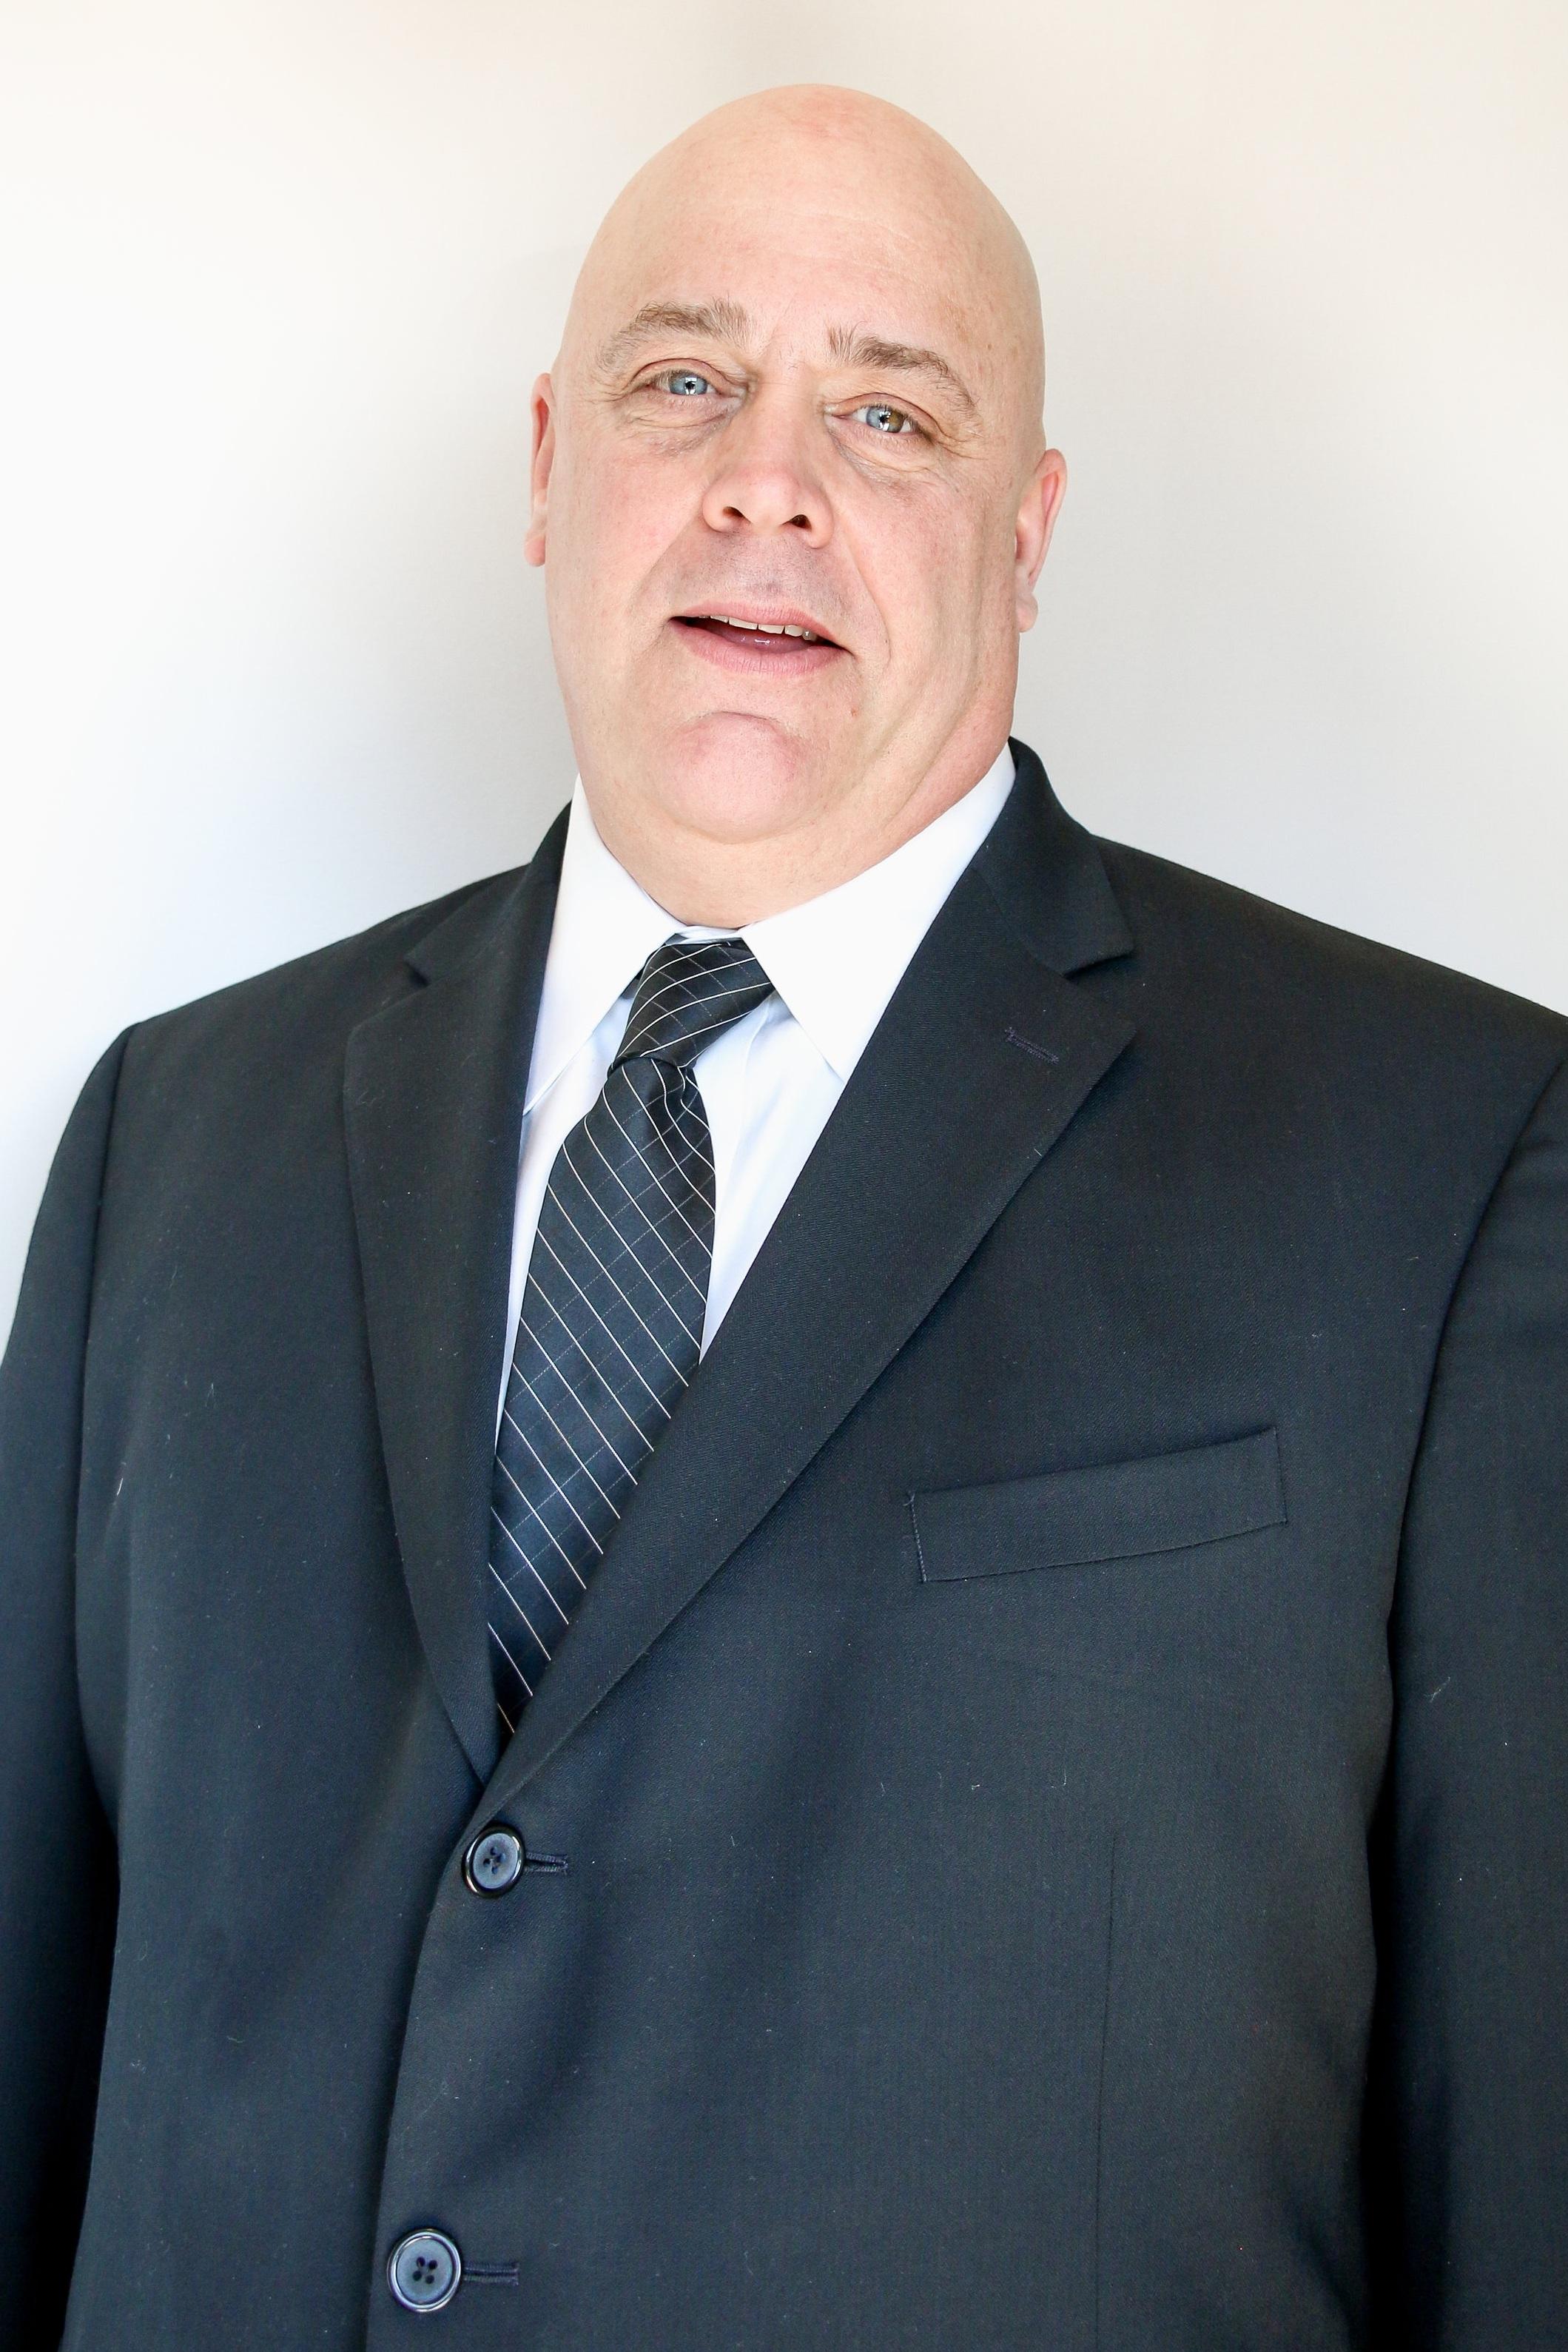 Ken Forberg